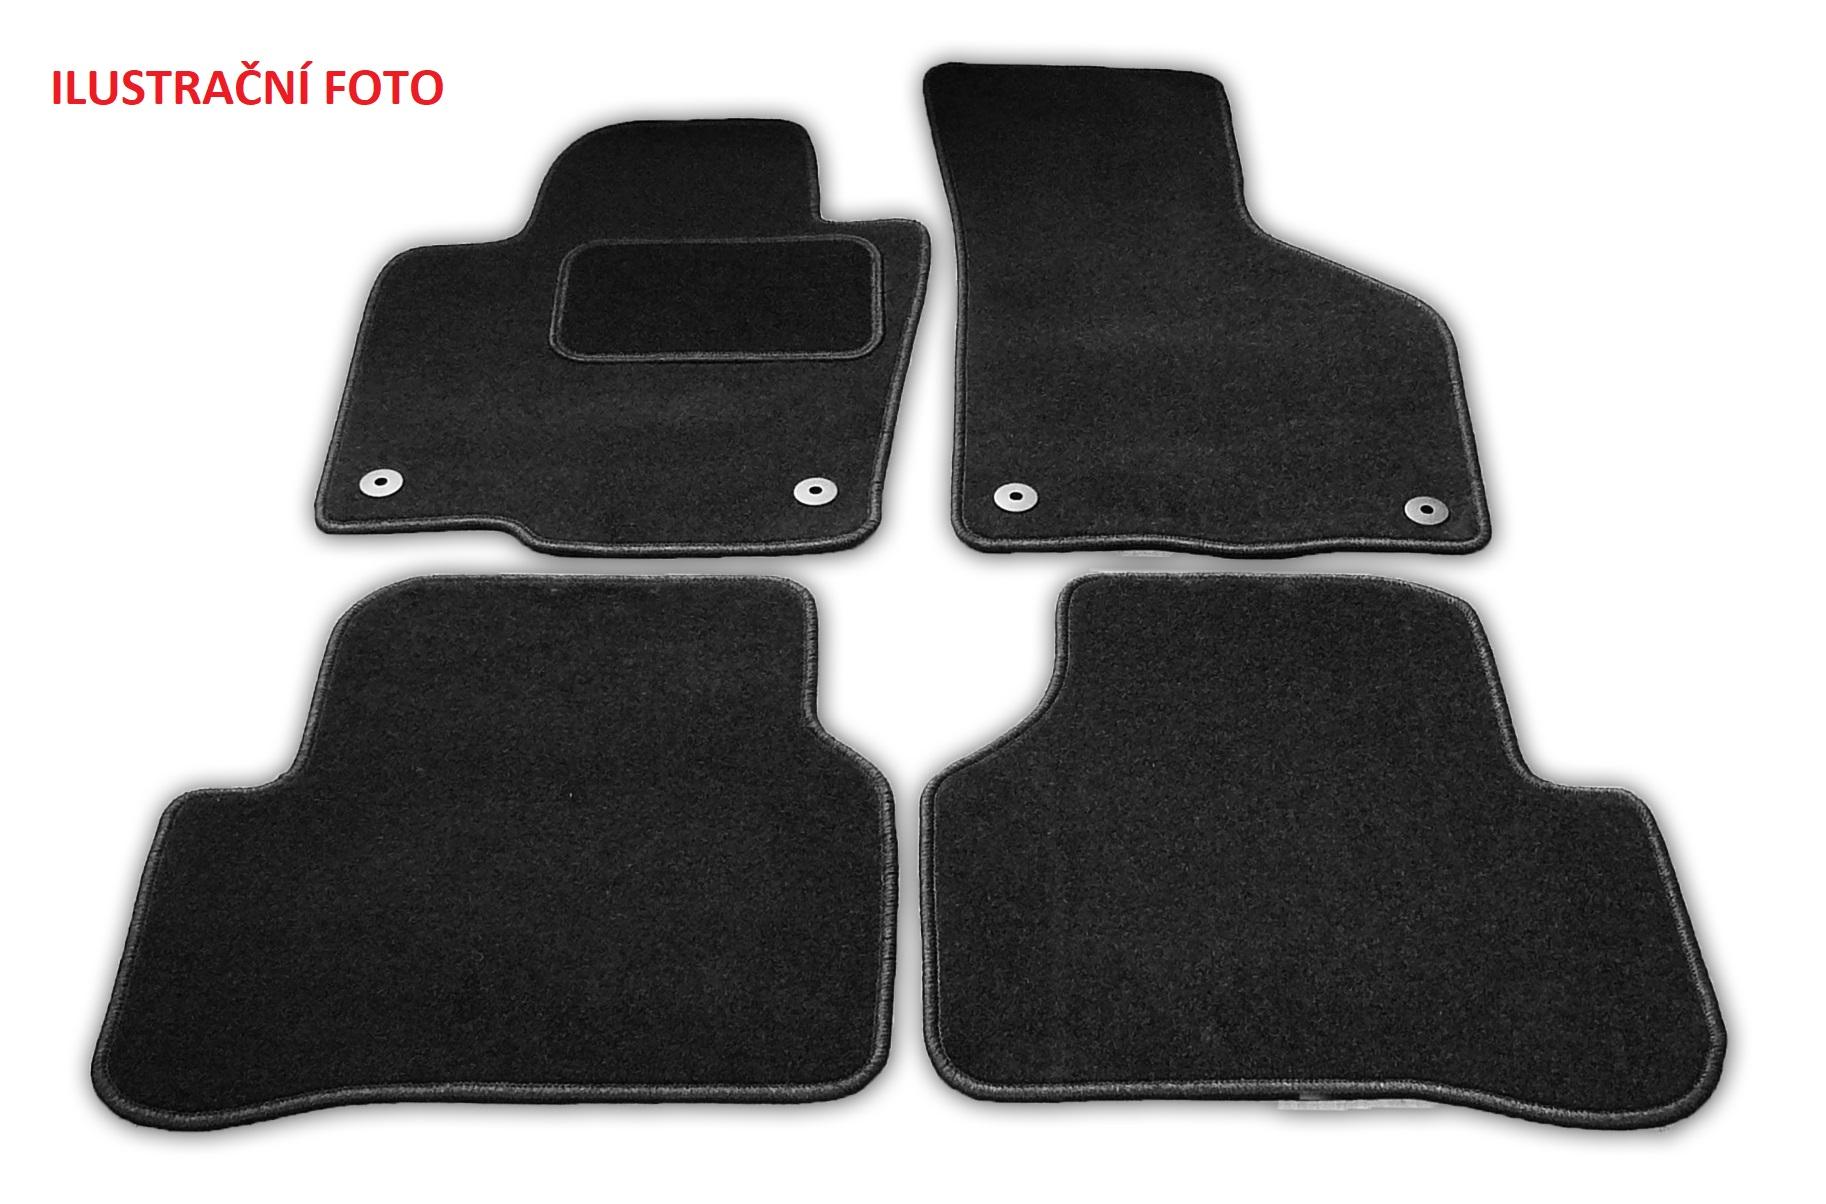 Automega Textilní autokoberce Standard BMW X5 2007-2014